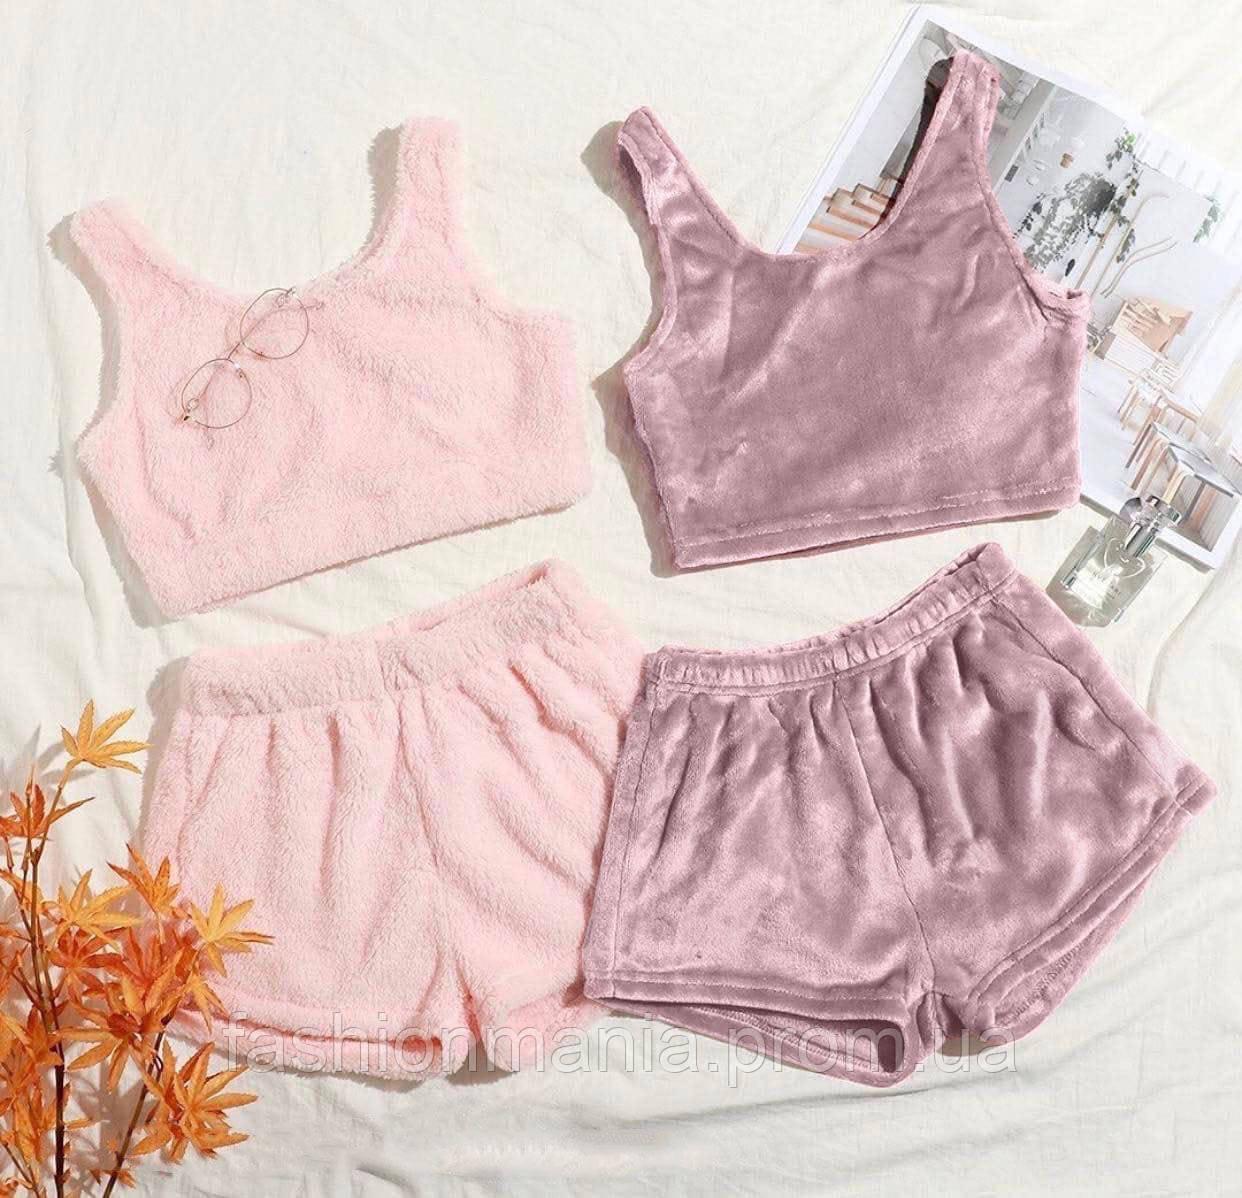 Пижама женская плюшевая мягкая розовый, лаванда 42-44,46-48